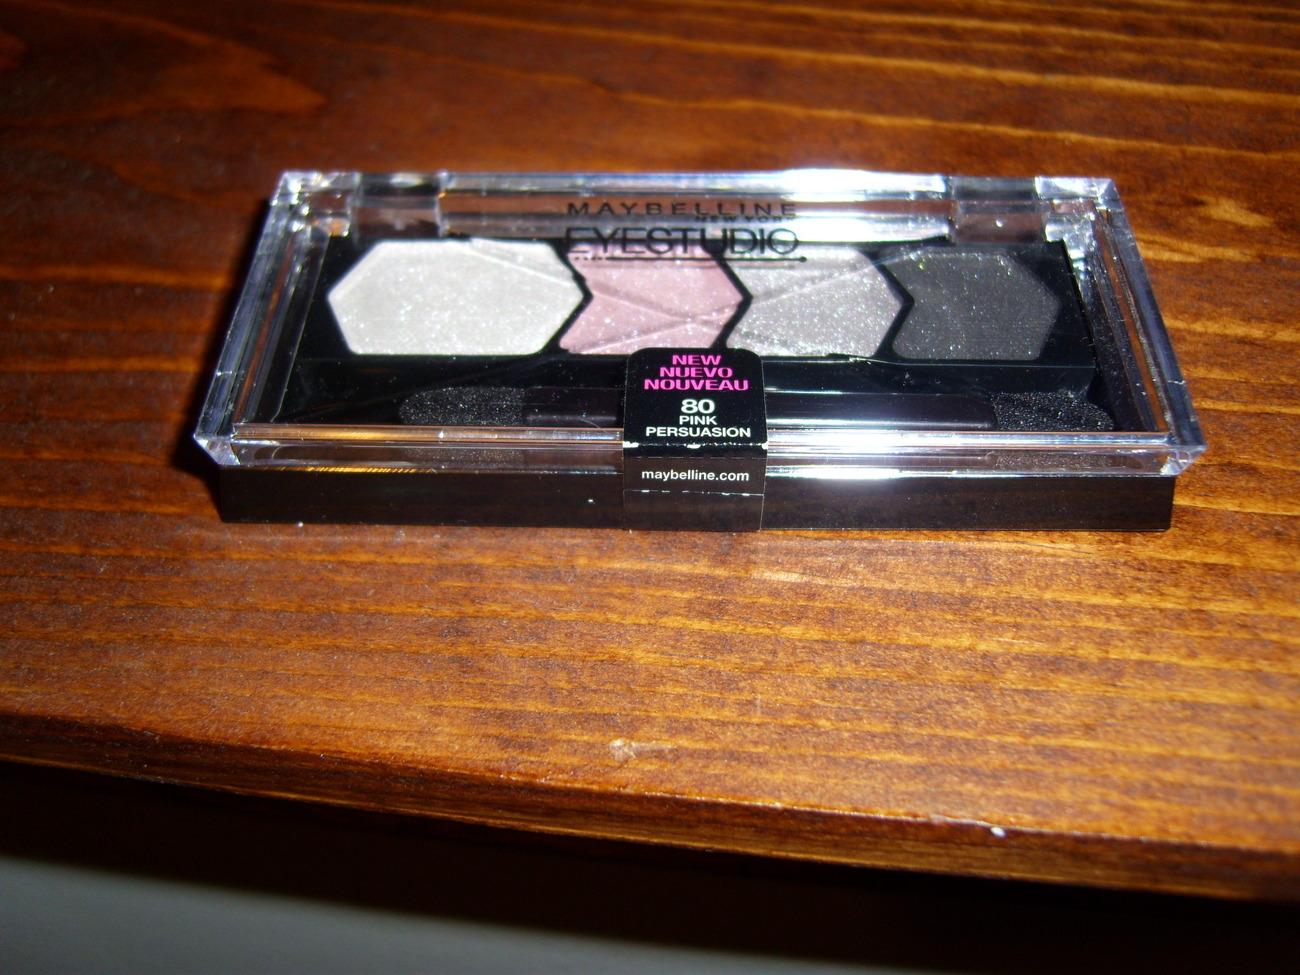 Maybelline Eye Studio Pink Persuasion eyeshadow